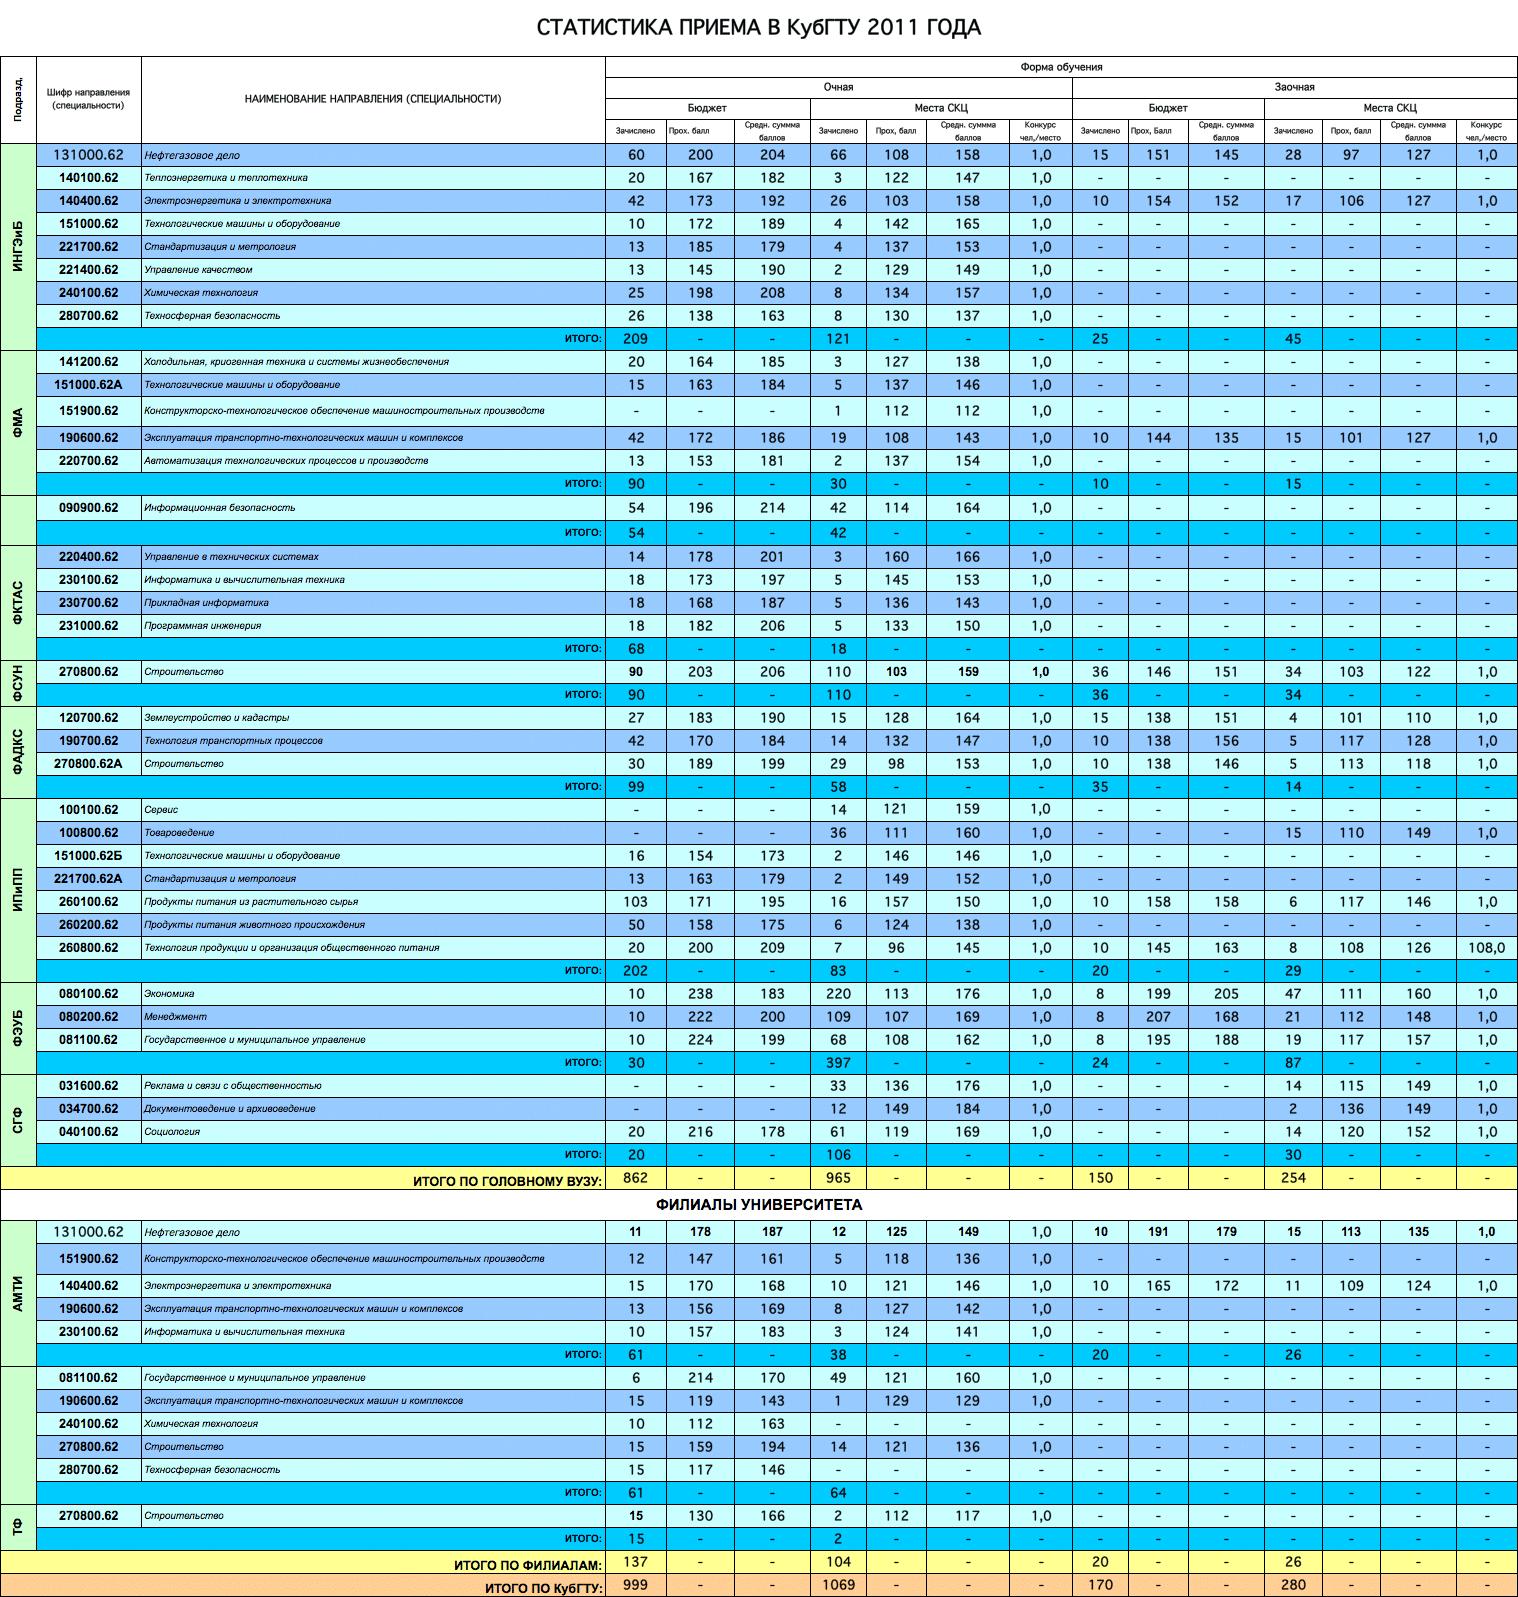 мгиу проходной балл 2017 на бюджет